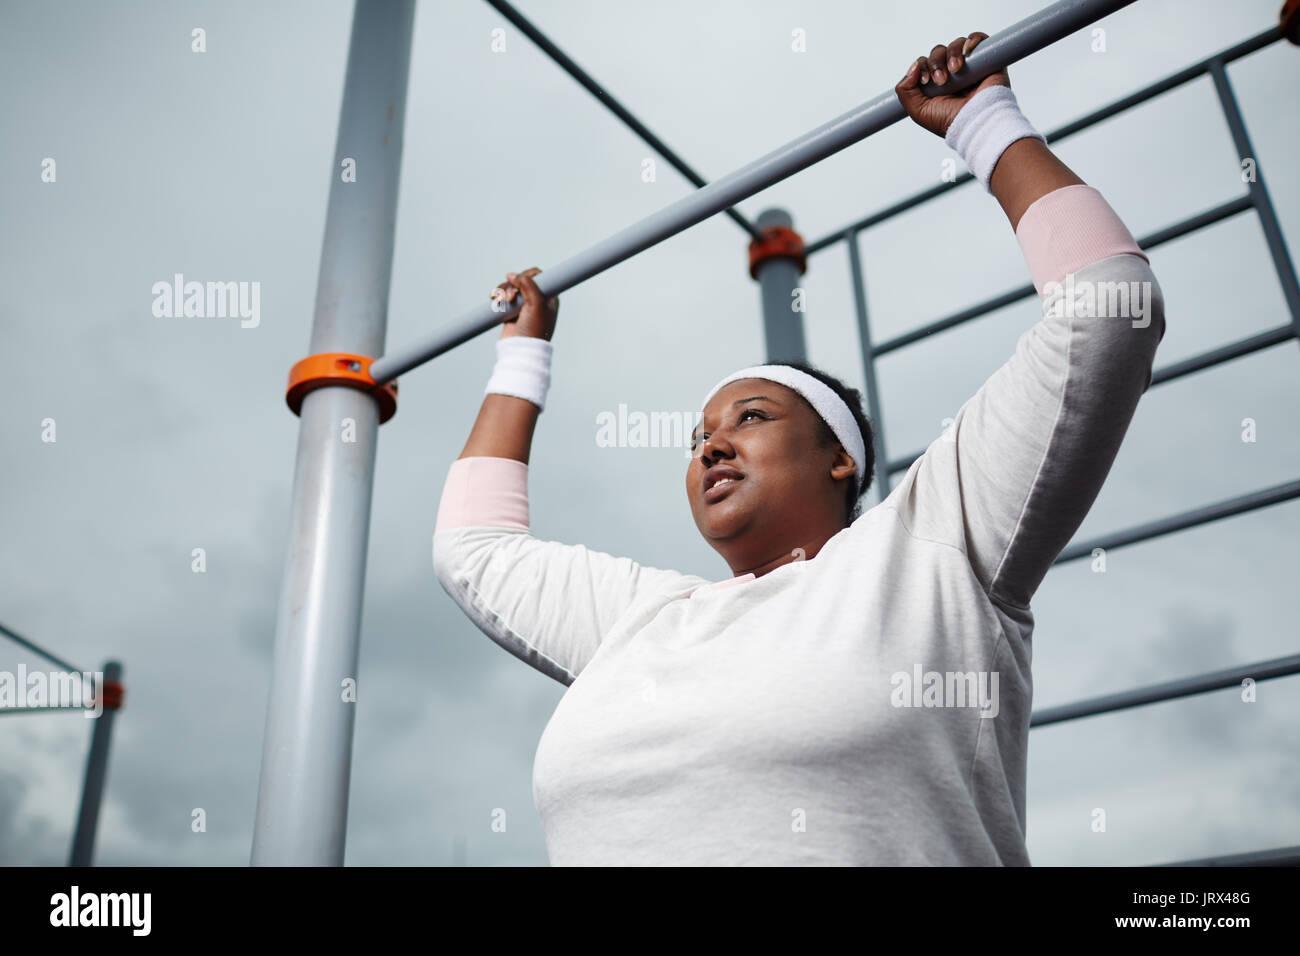 Bestimmt Übergewicht afrikanische Frau üben Pull-up-Übung im Freien Stockbild